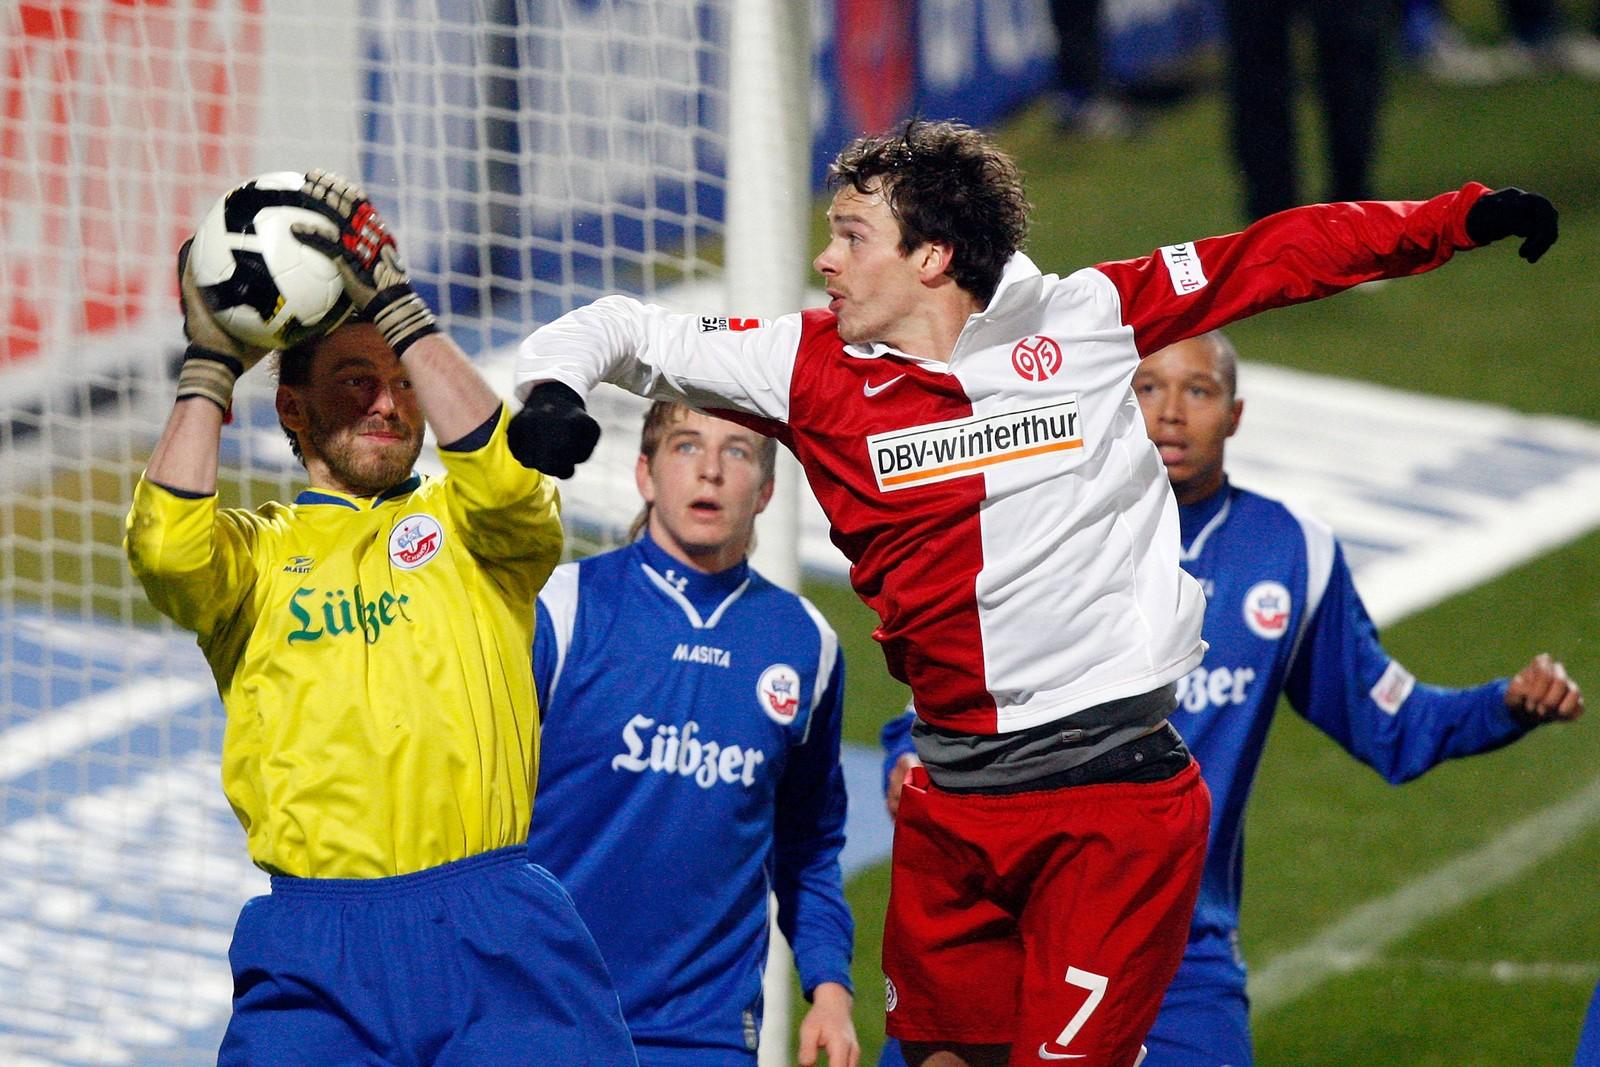 Jörg Hahnel (Hansa Rostock) im Duell mit einem Gegenspieler